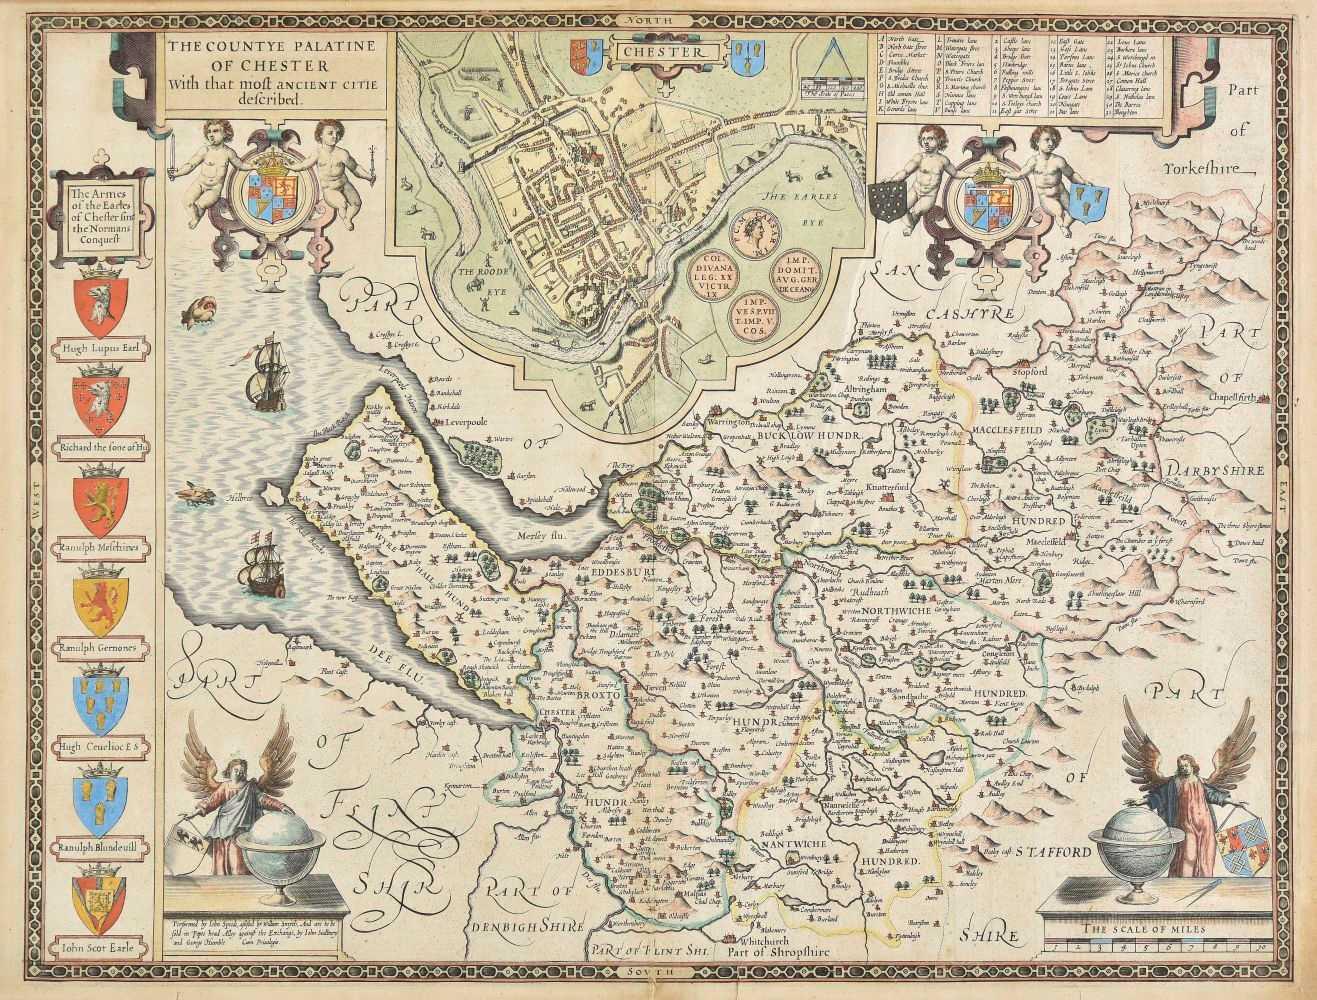 Lot 18-Cheshire. Speed (John), The Countye Palatine of Chester..., 1616